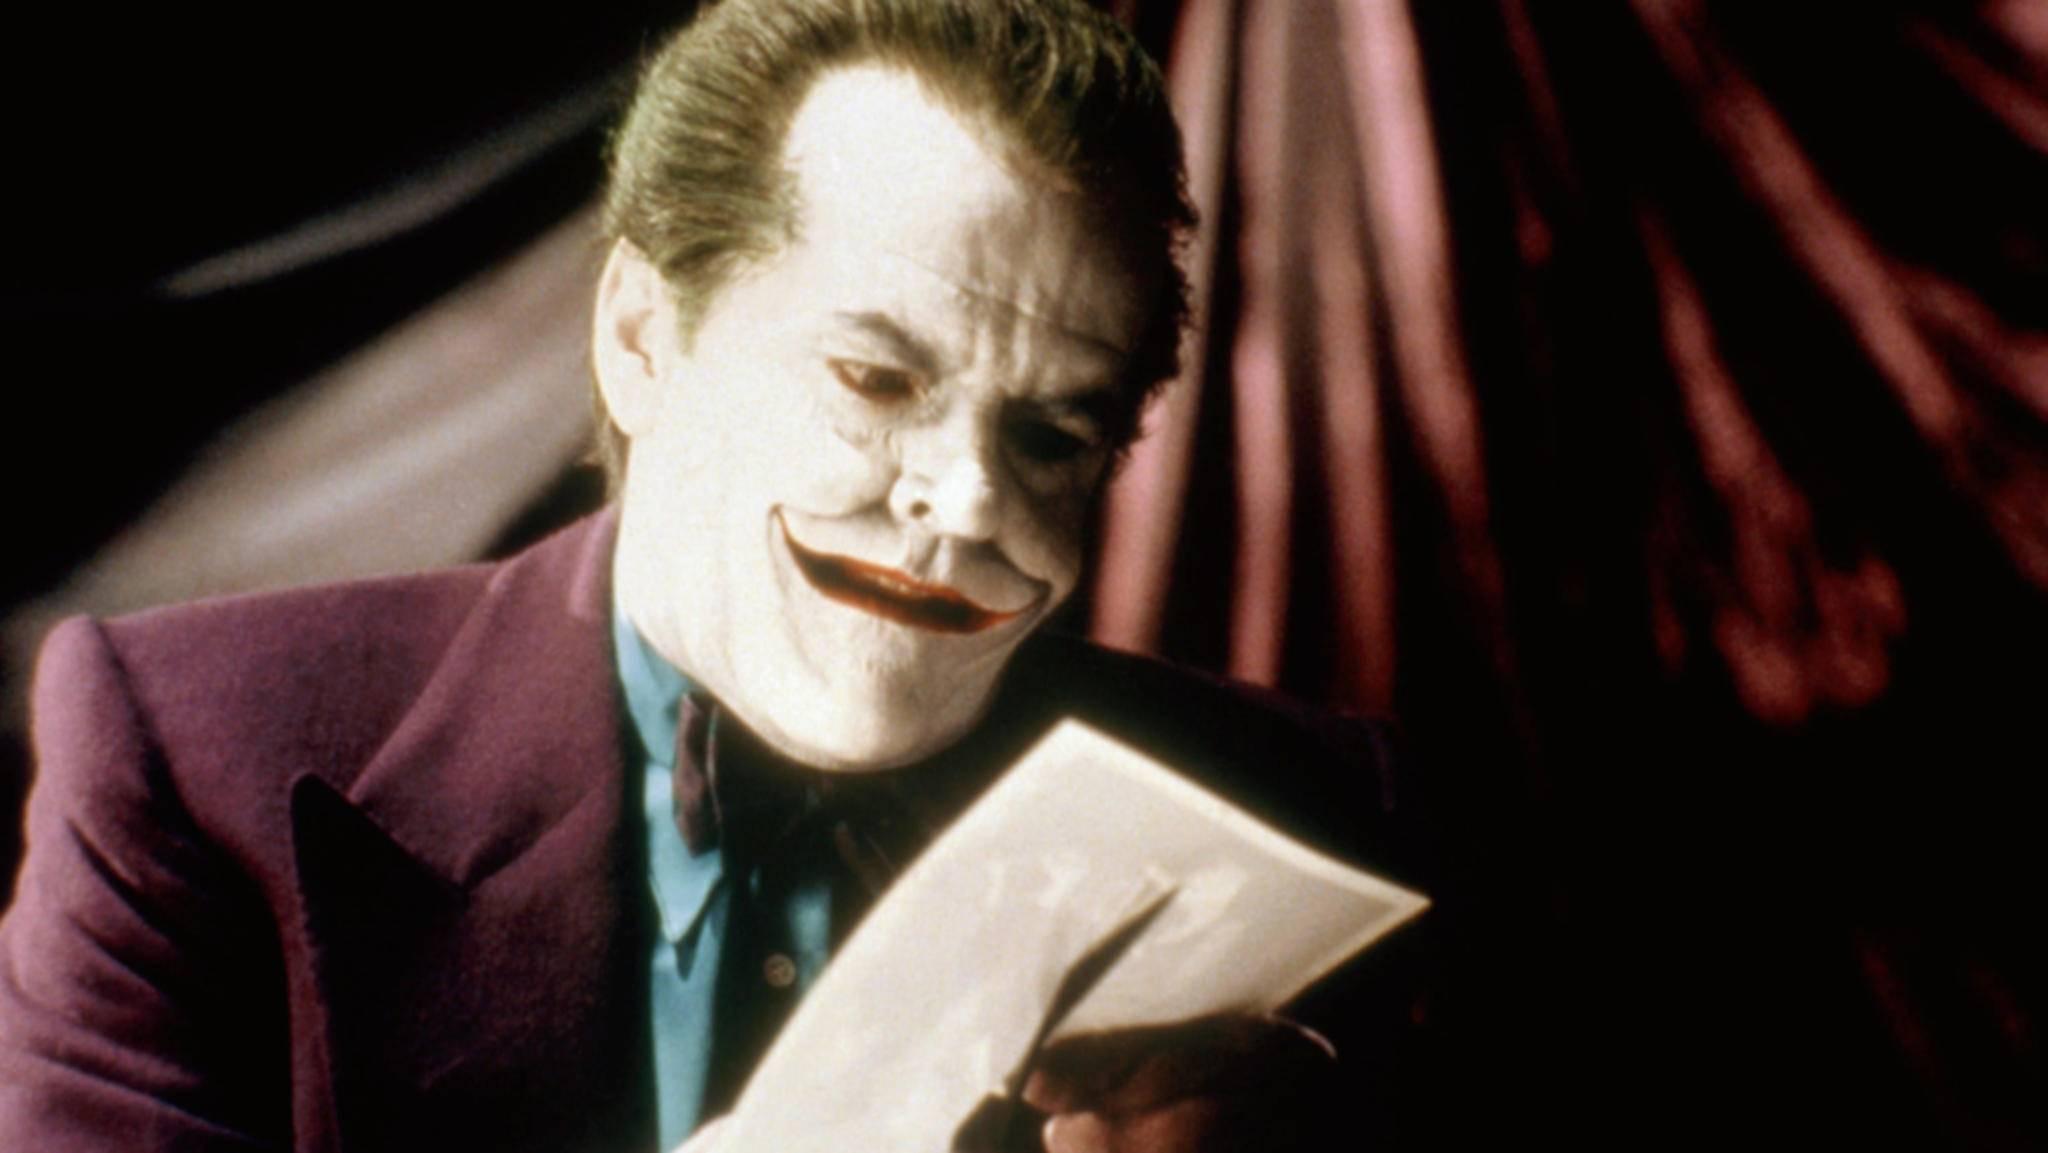 Die DC-Filmemacher basteln sich ihren Joker-Origin-Film offenbar aus einer berühmten Comicvorlage.